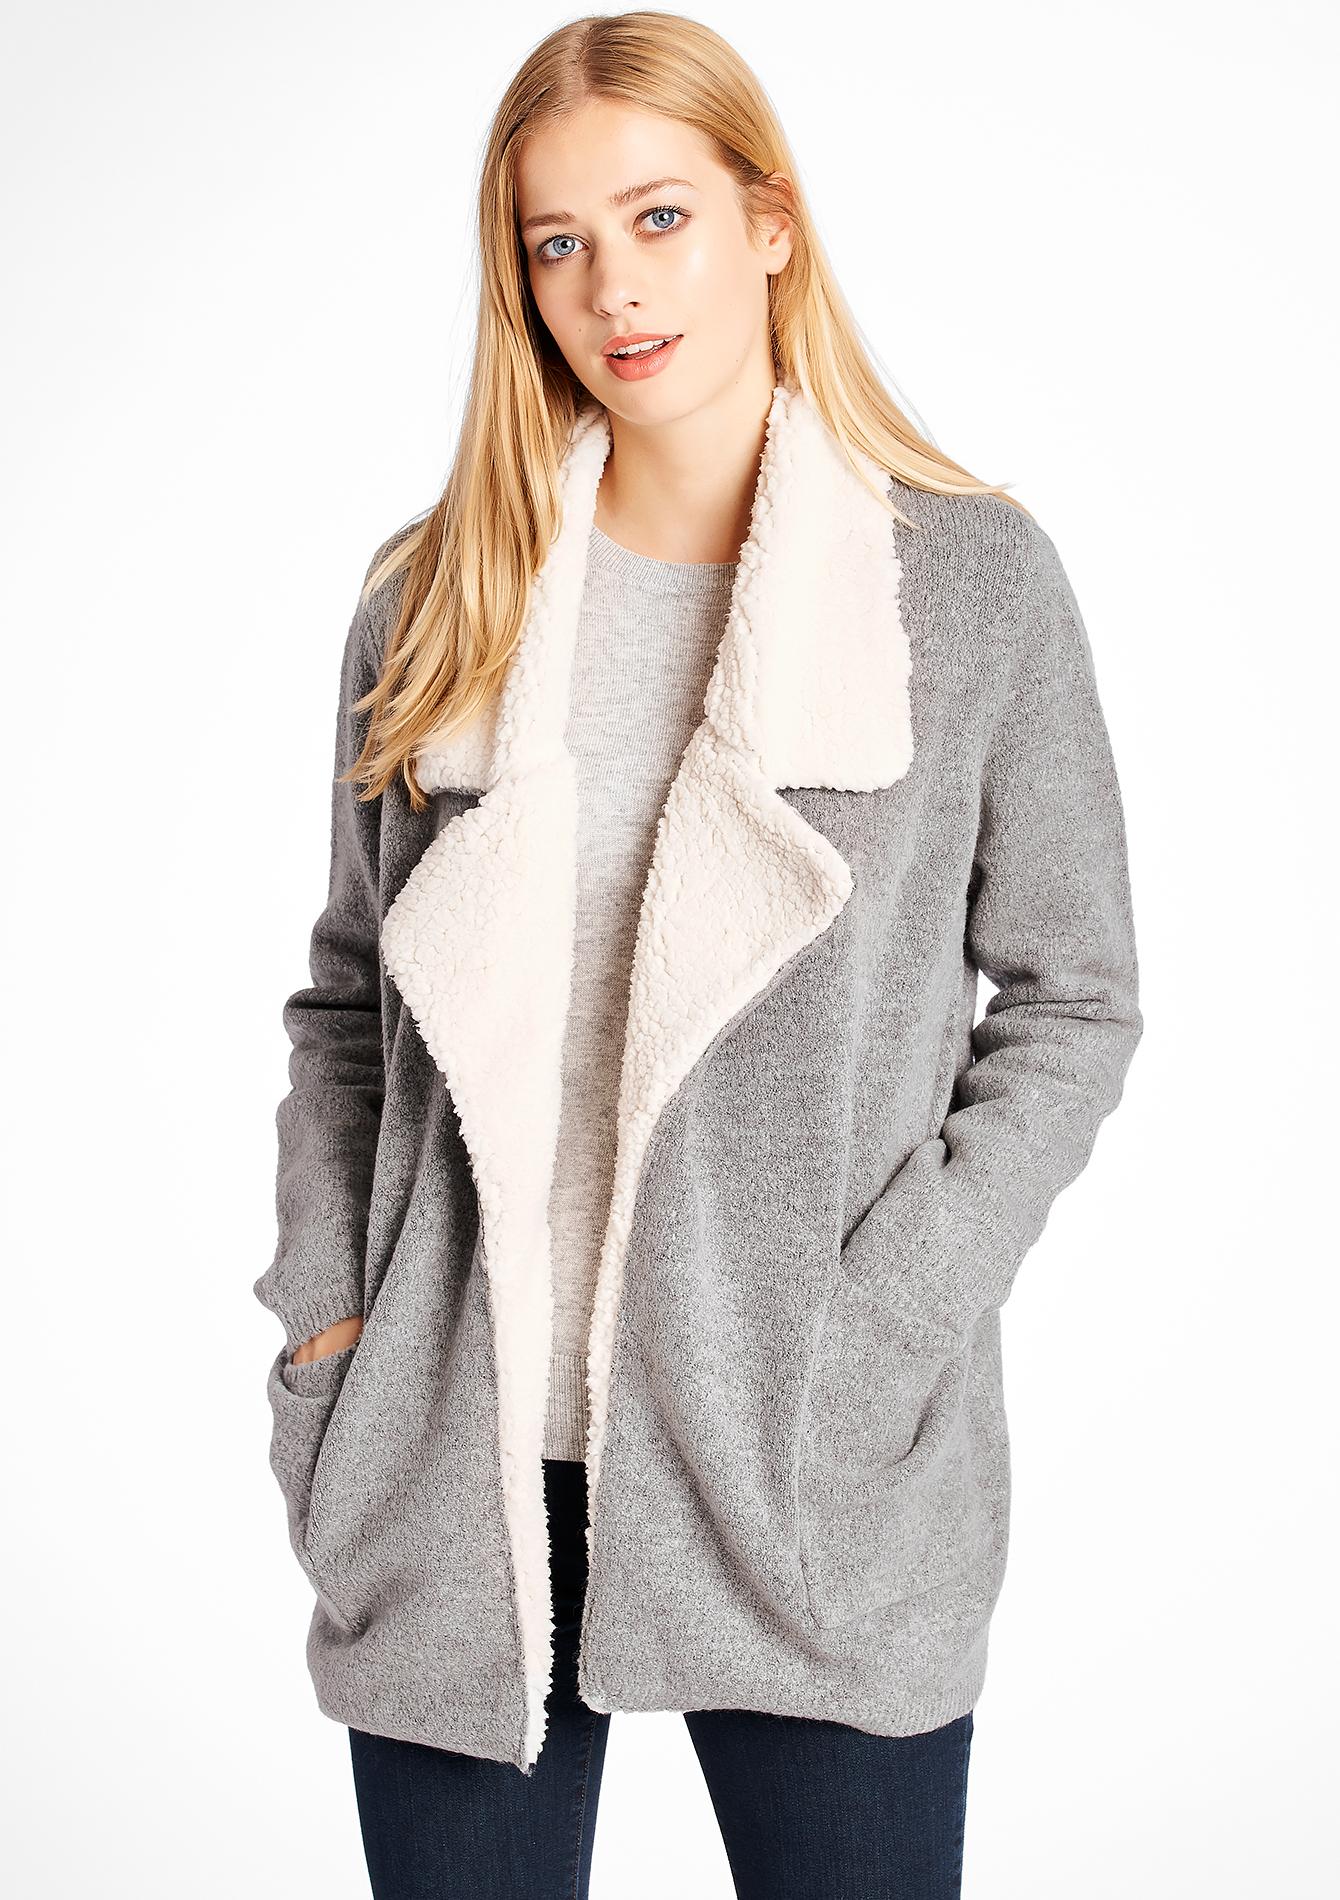 Plain fleece cardigan with pockets - LOLALIZA